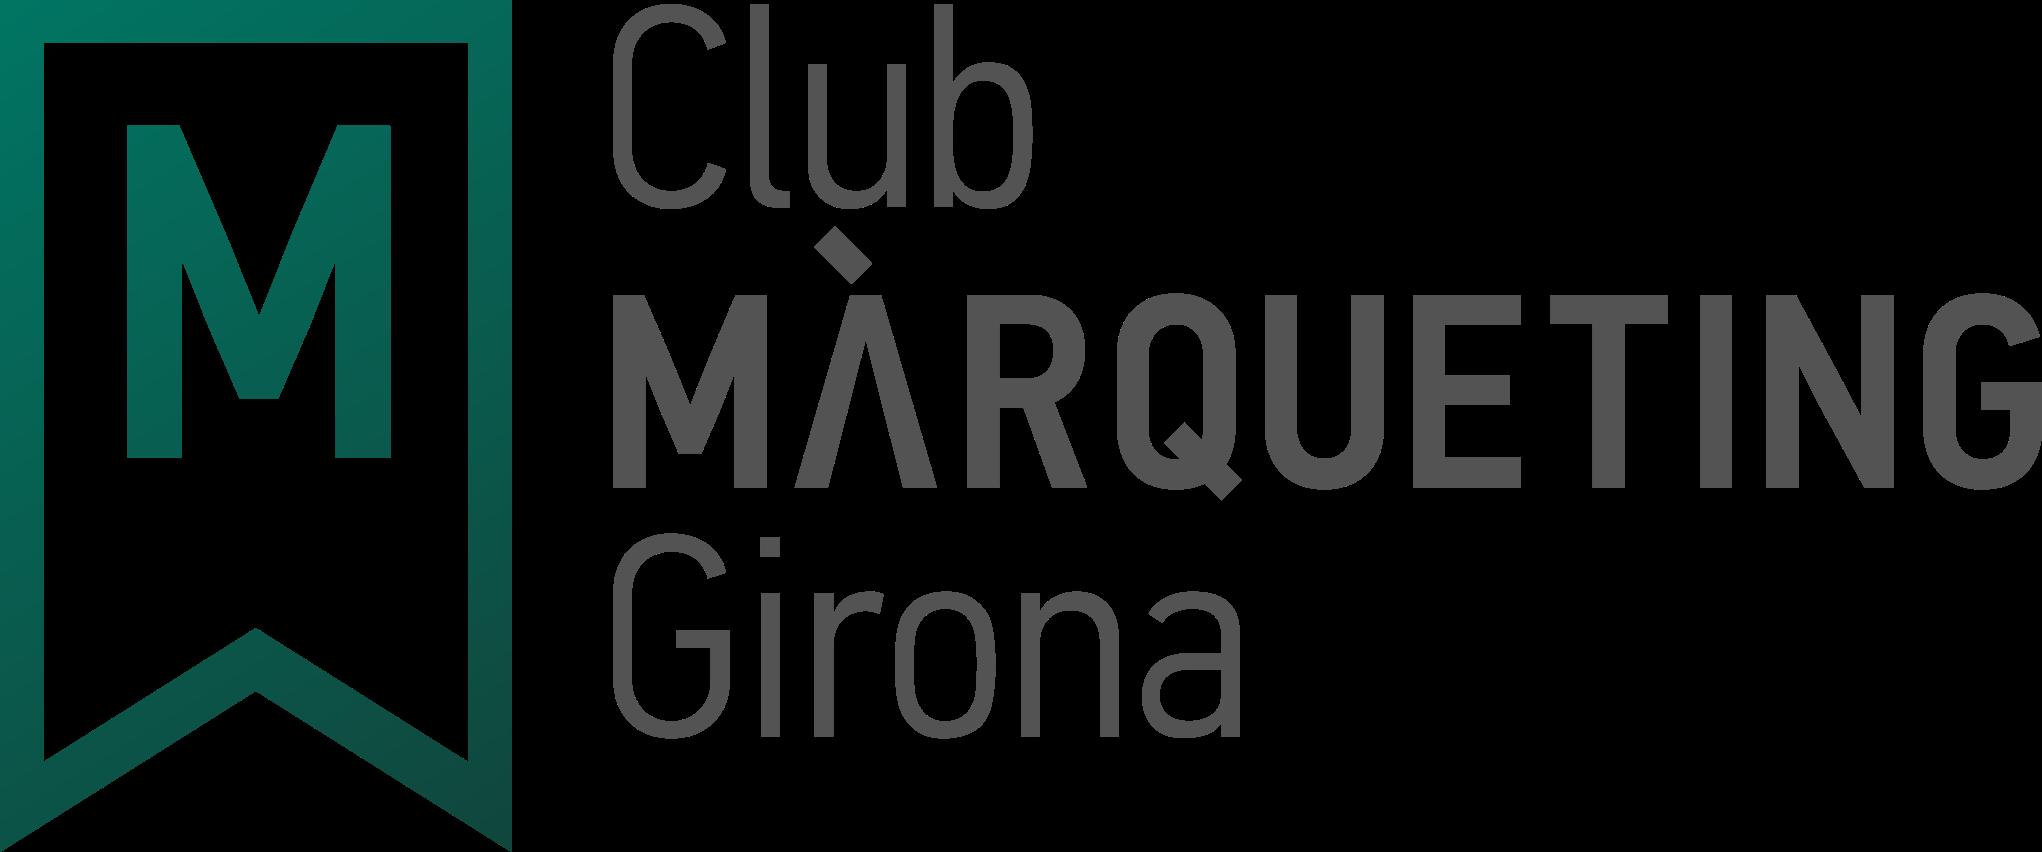 Ponència del Club de màrqueting de Girona, a ETG